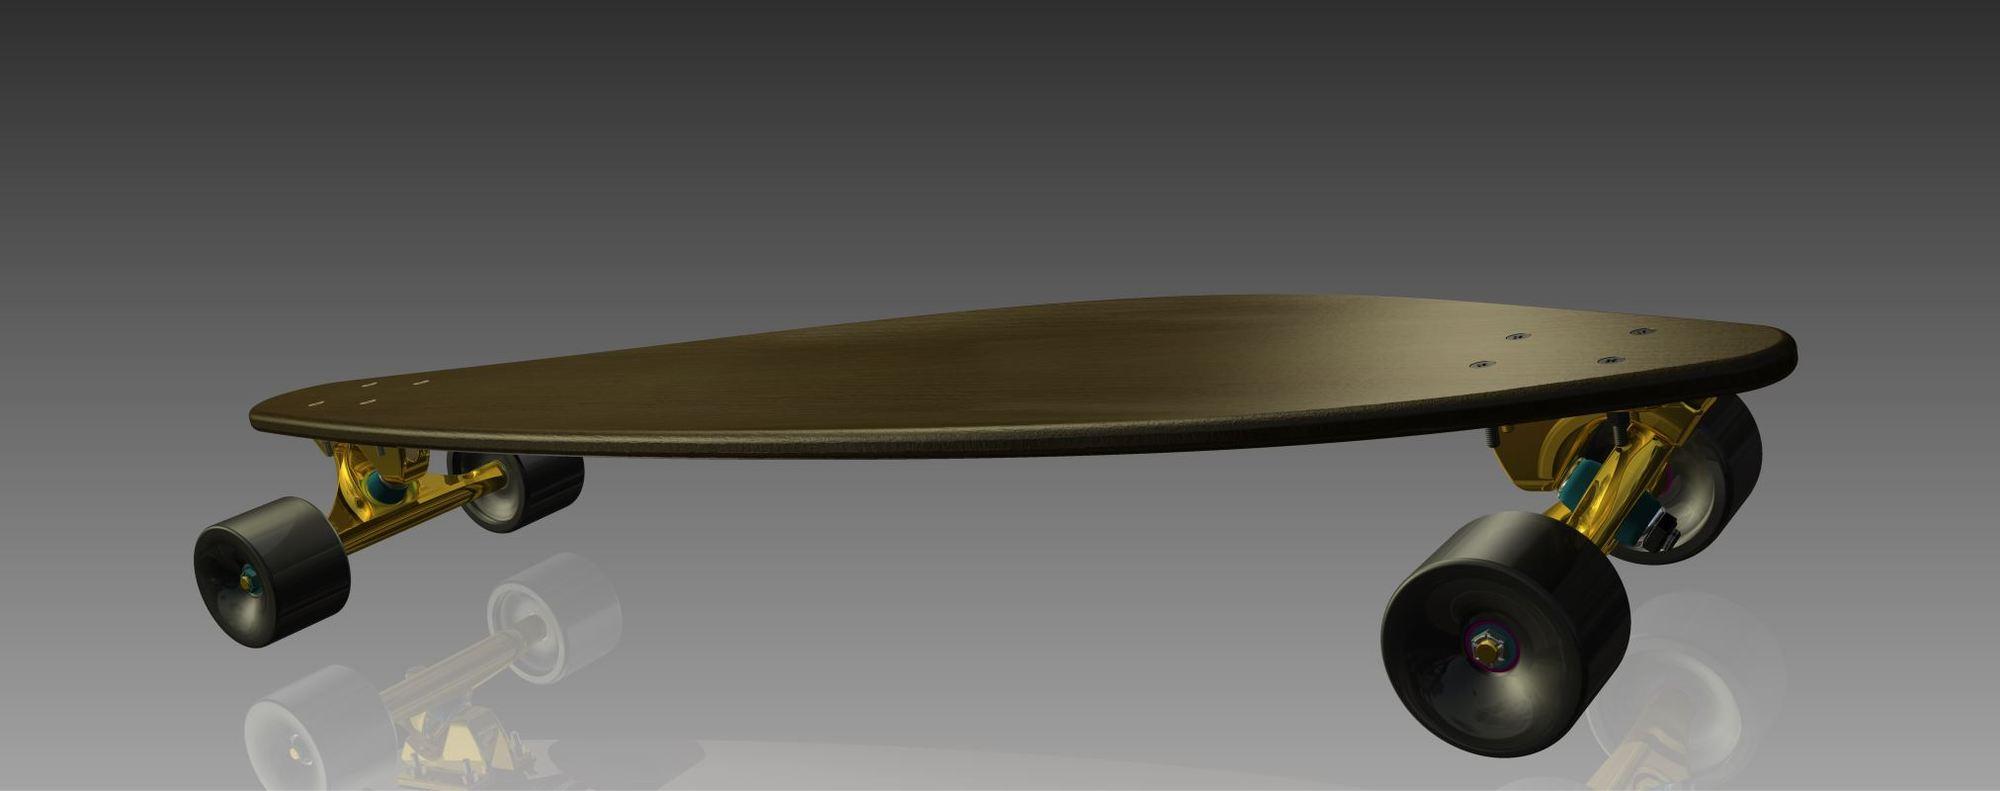 Longboardgolden